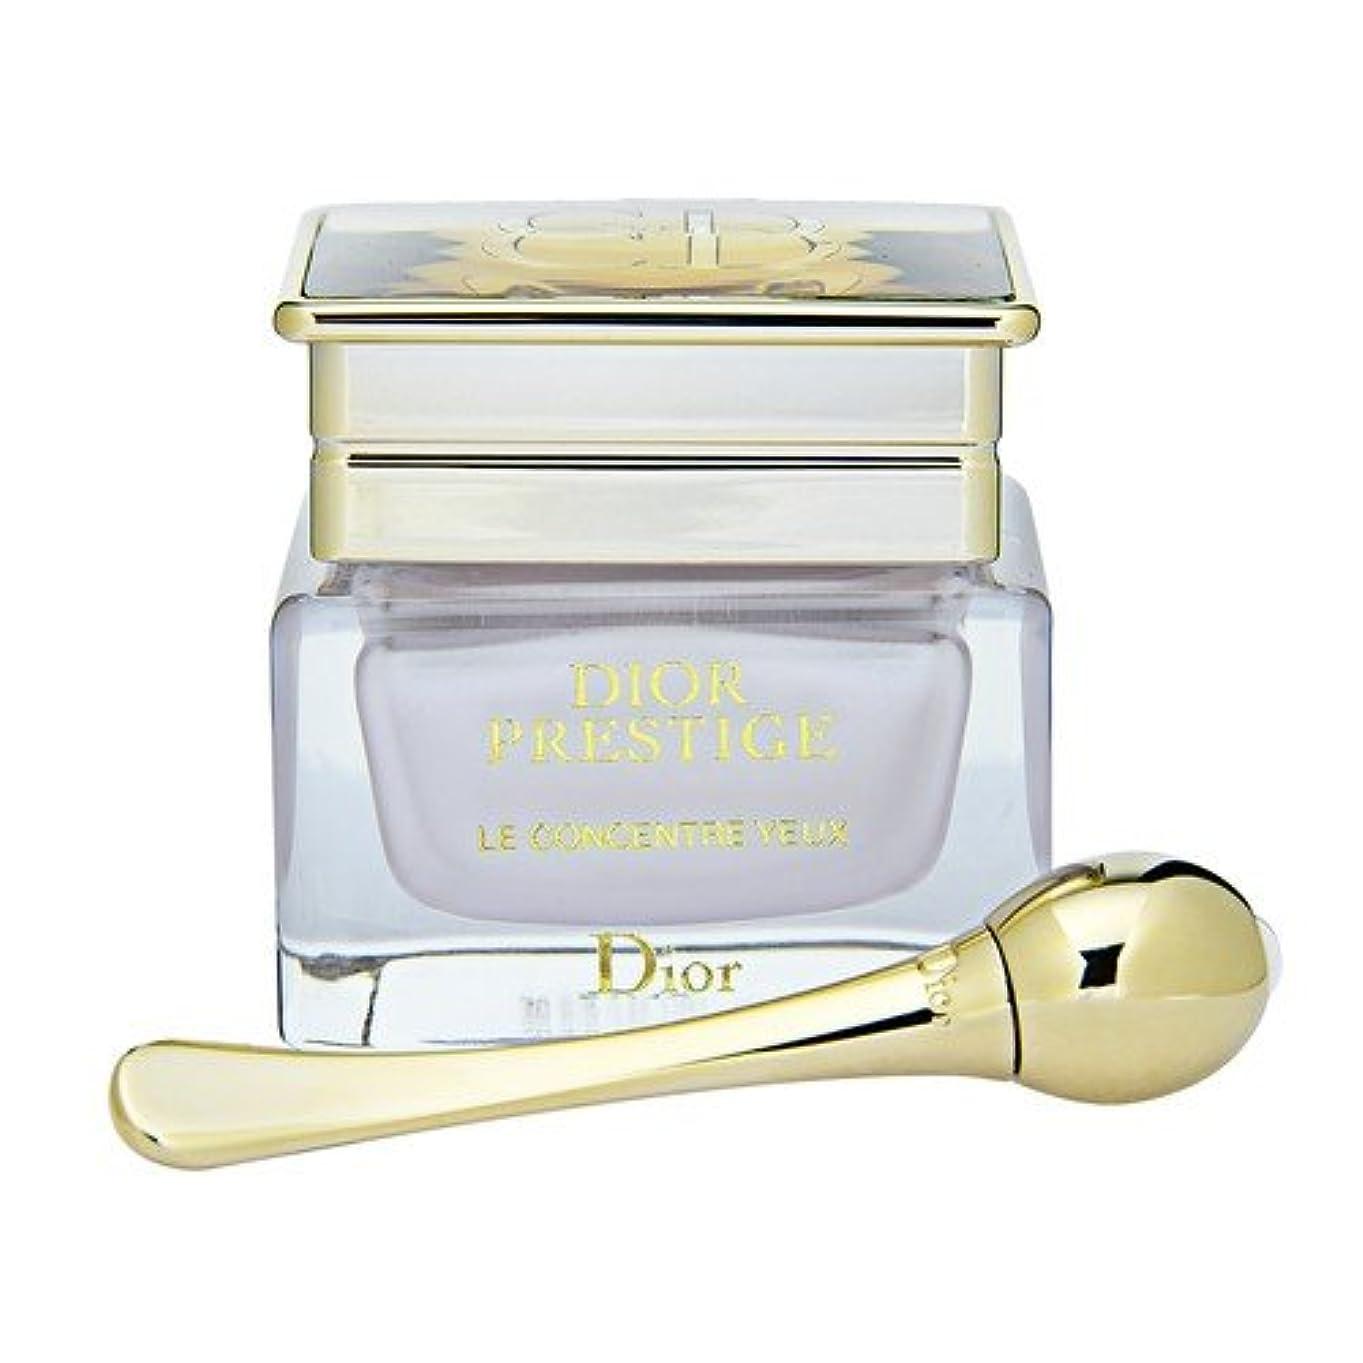 フリンジのため敬意クリスチャン ディオール(Christian Dior) プレステージ ル コンサントレ ユー 15ml[並行輸入品]